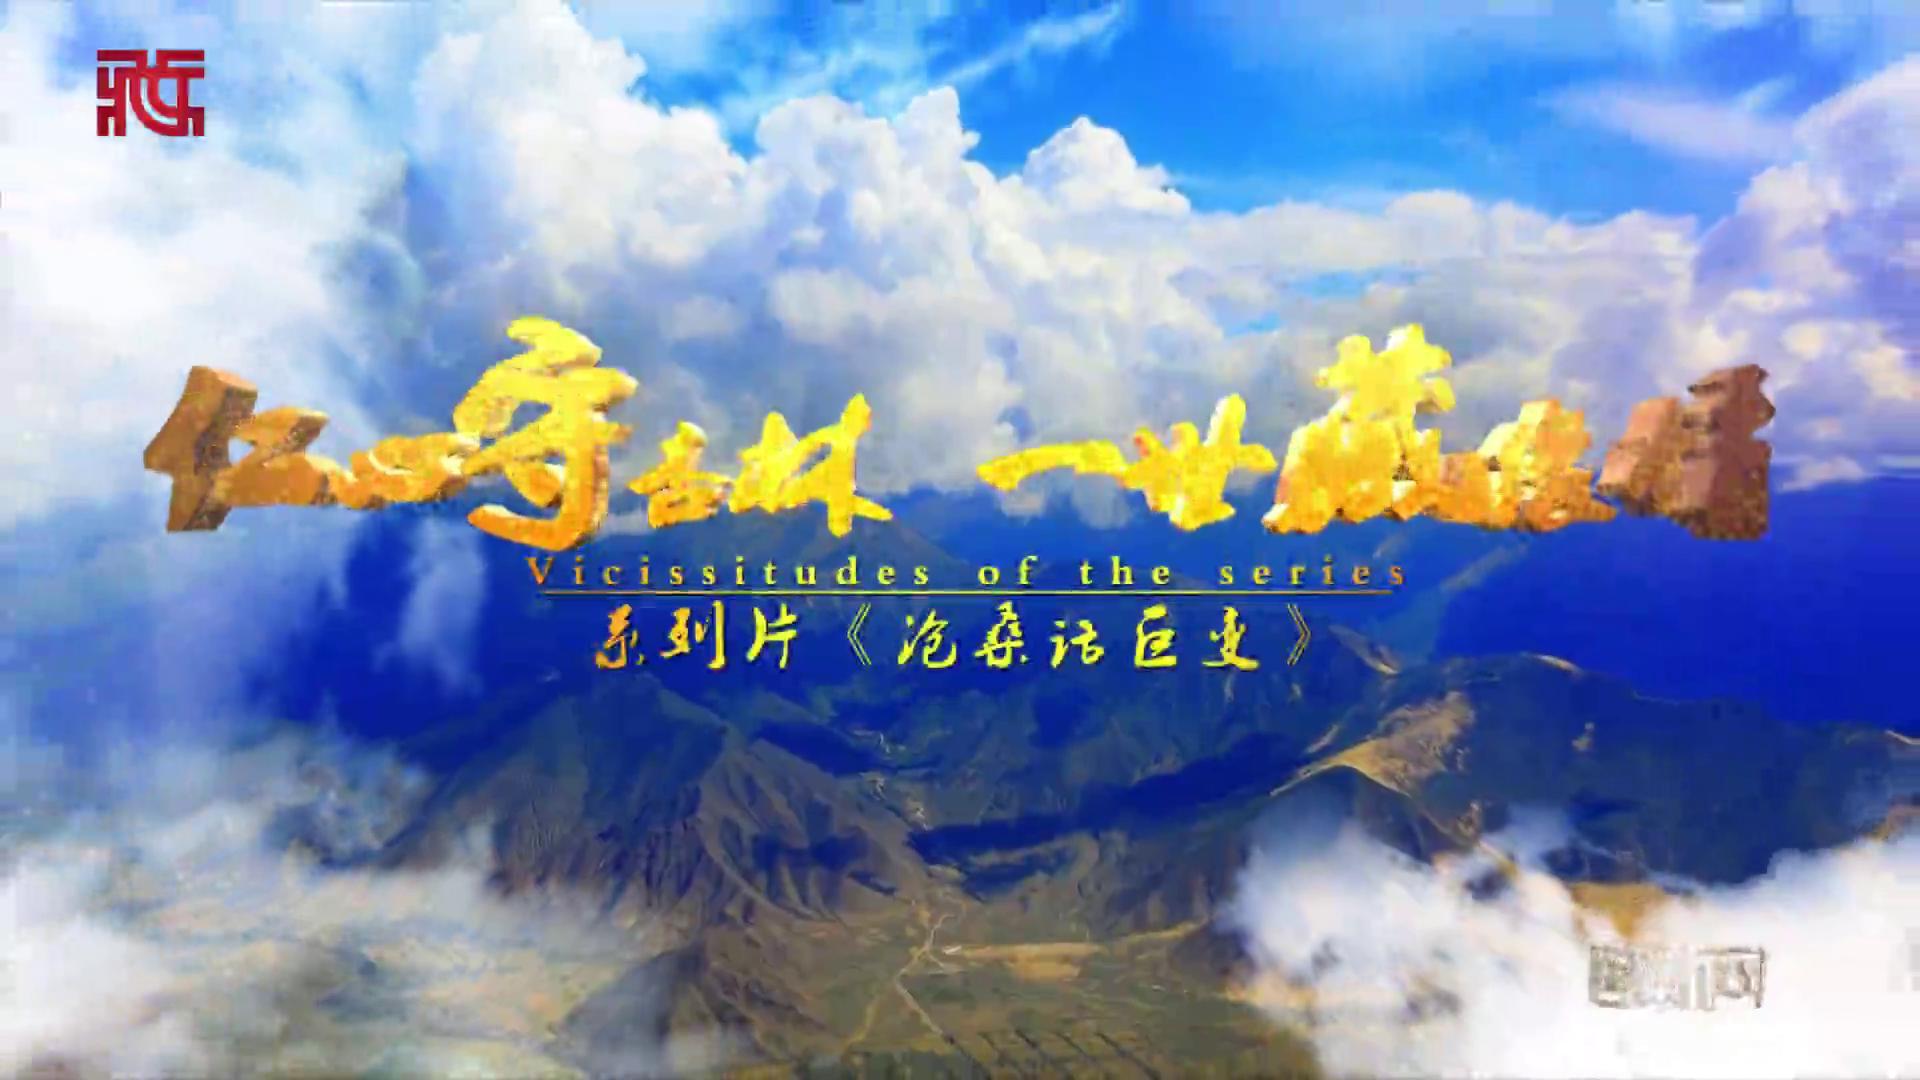 微视频系列片《沧桑话巨变》第四集:仁心守杏林 一世藏缘情